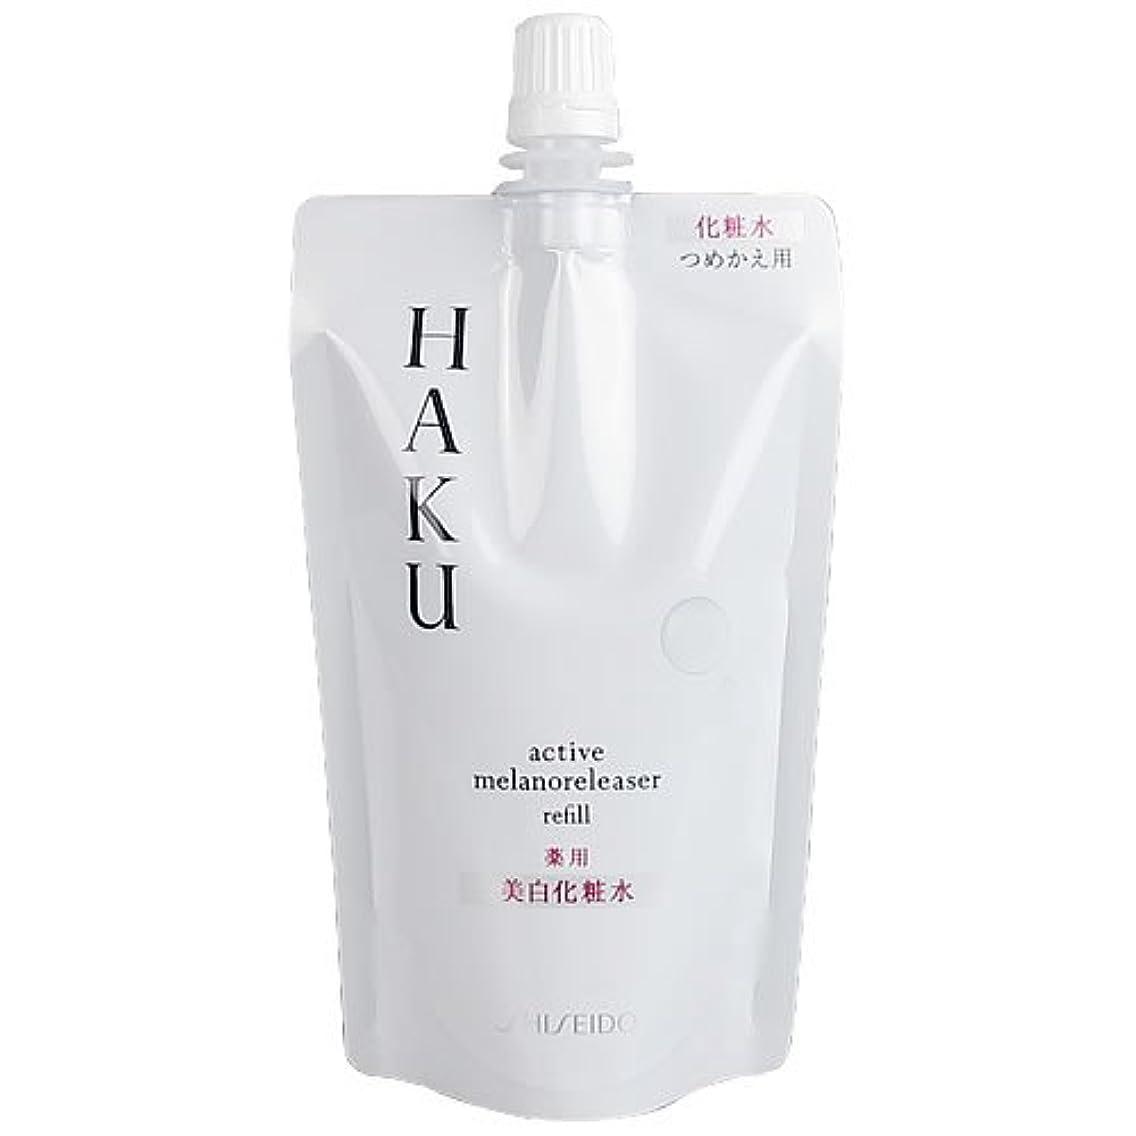 助けになる食い違い露資生堂 HAKU(ハク) アクティブメラノリリーサー(レフィル) 100ml【2個セット】